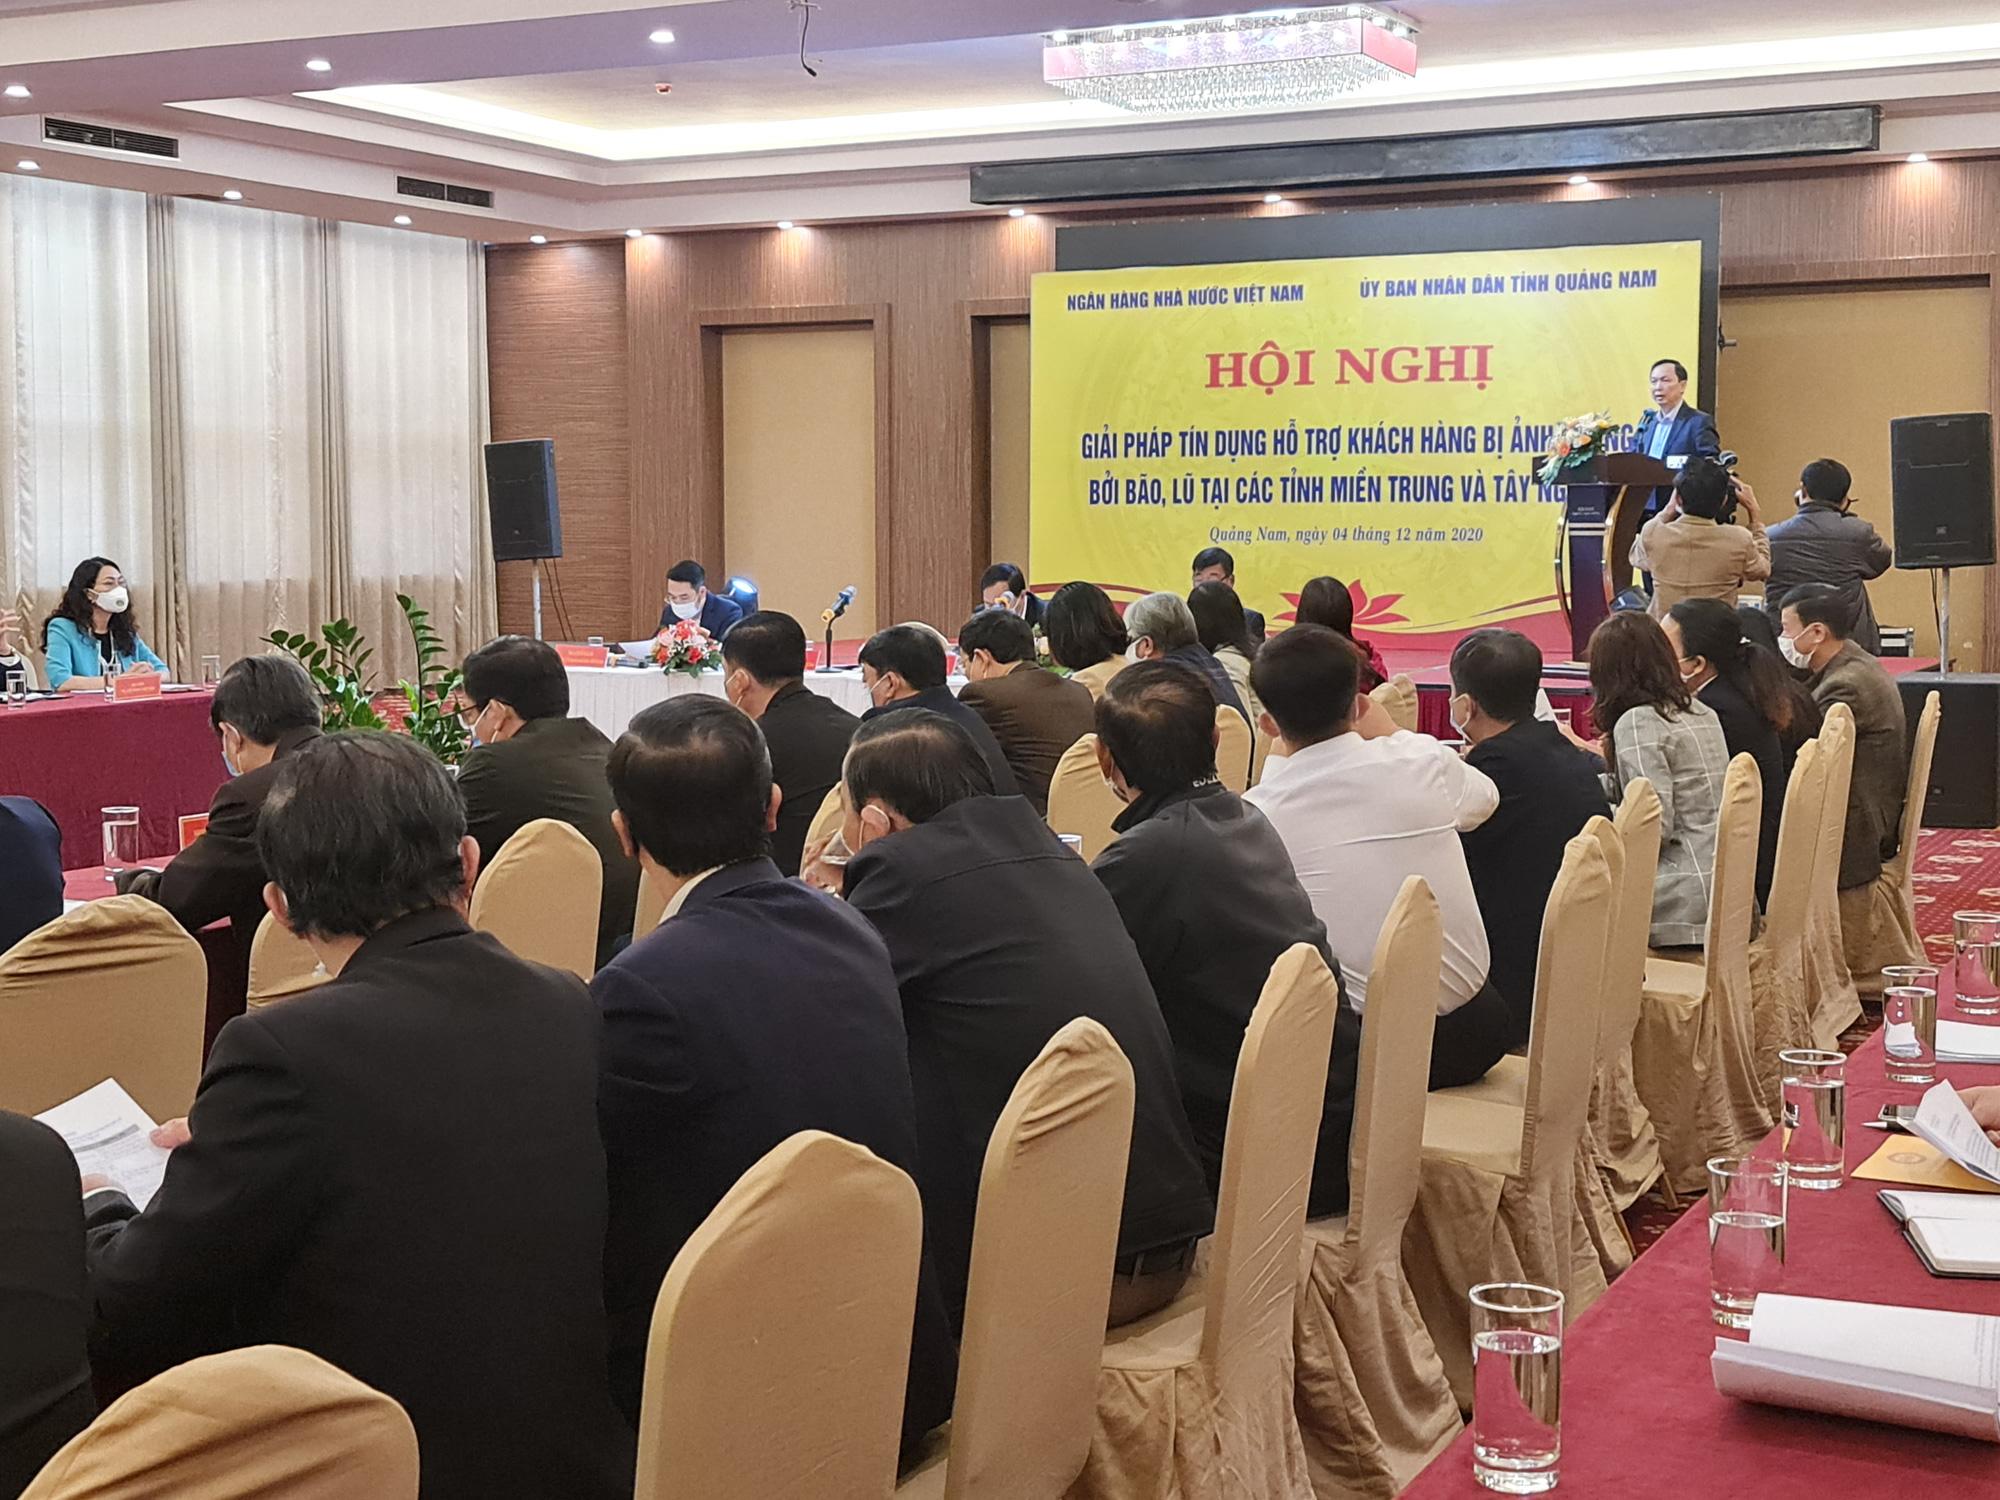 Ngân hàng Nhà nước Việt Nam - Hiến kế giúp người dân miền Trung - Tây Nguyên khắc phục sau bão, lũ - Ảnh 4.